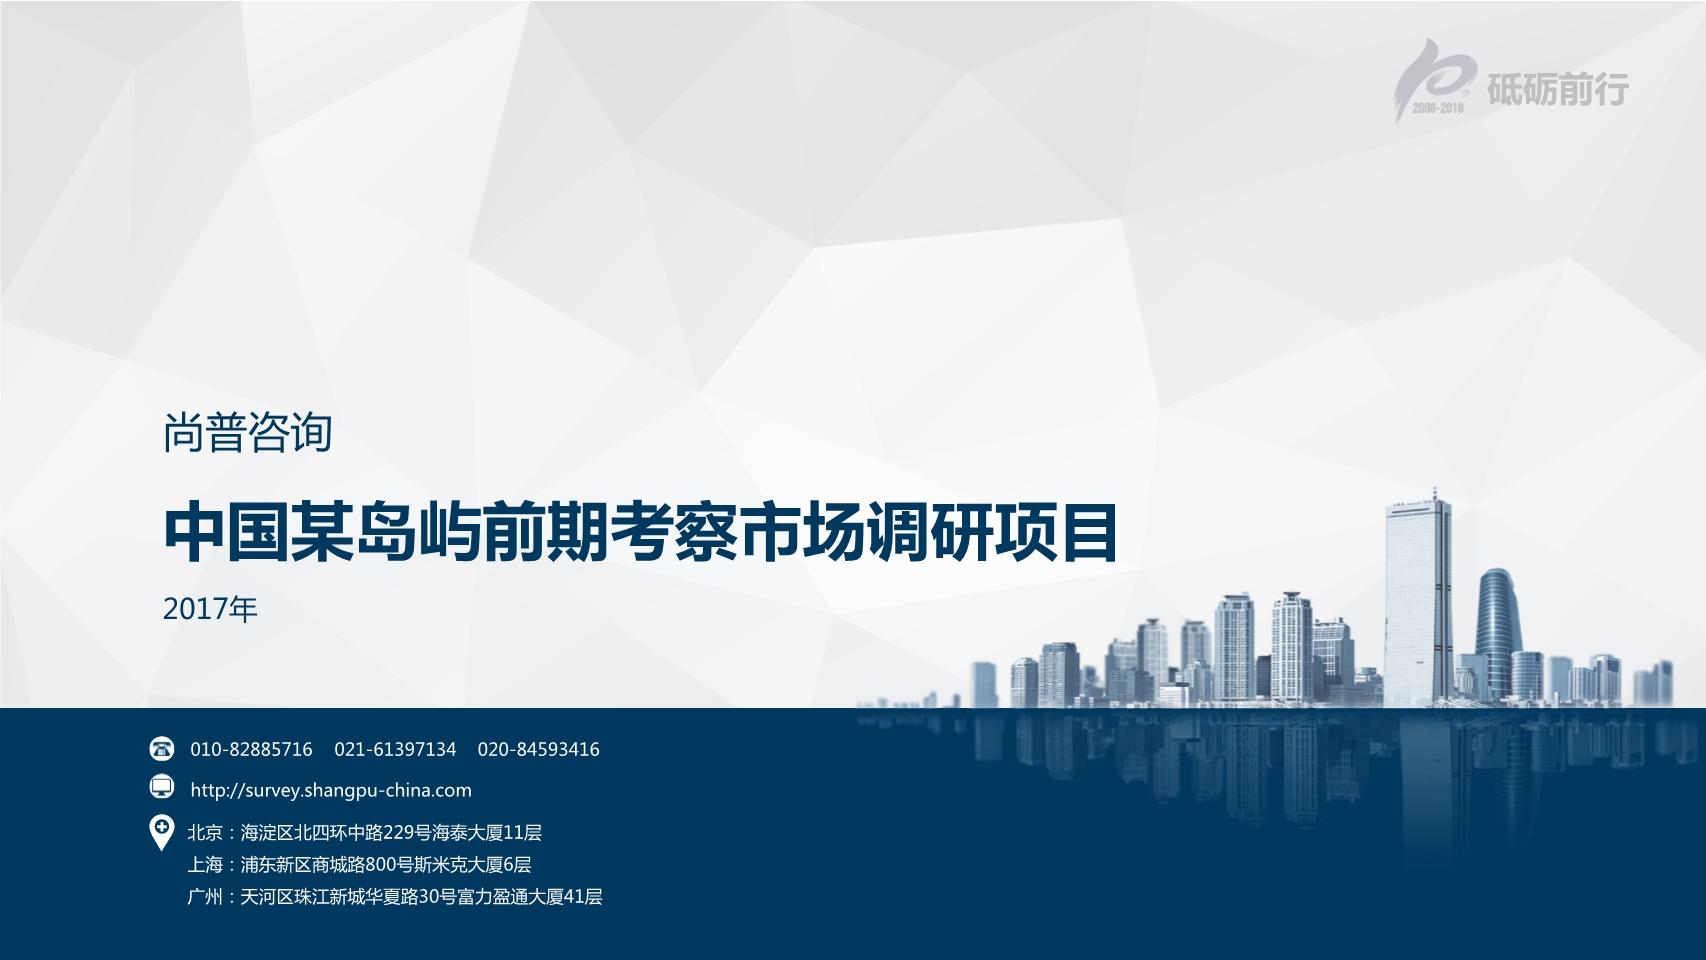 尚普咨询-中国某岛屿前期考察市场调研项目